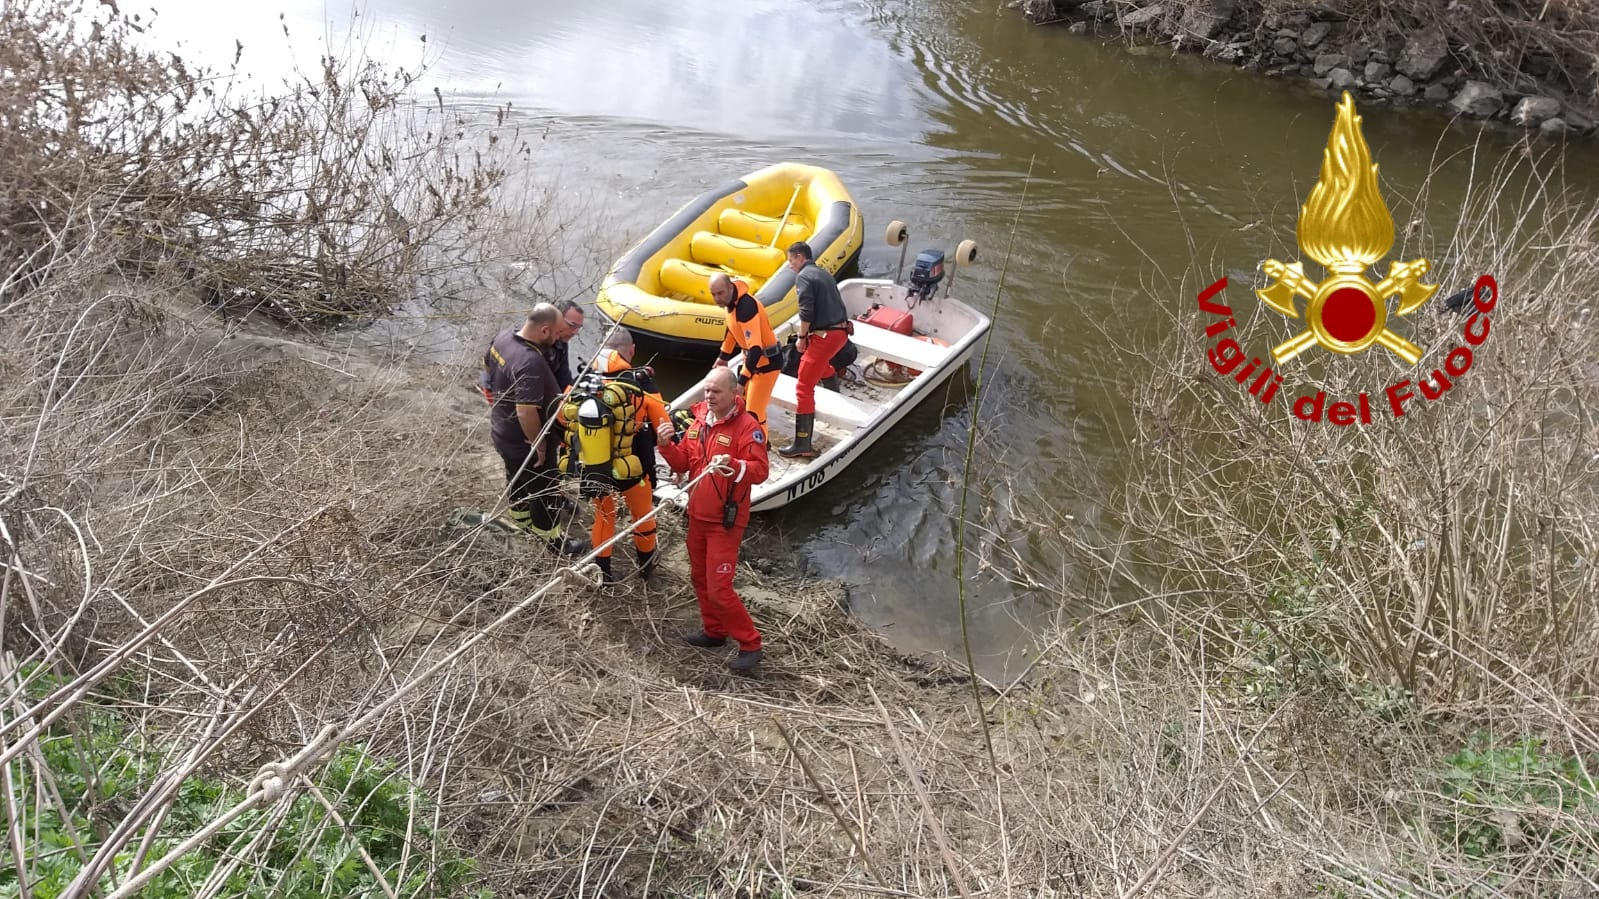 Cadavere in Arno, era in acqua da diversi giorni: disposta l'autopsia